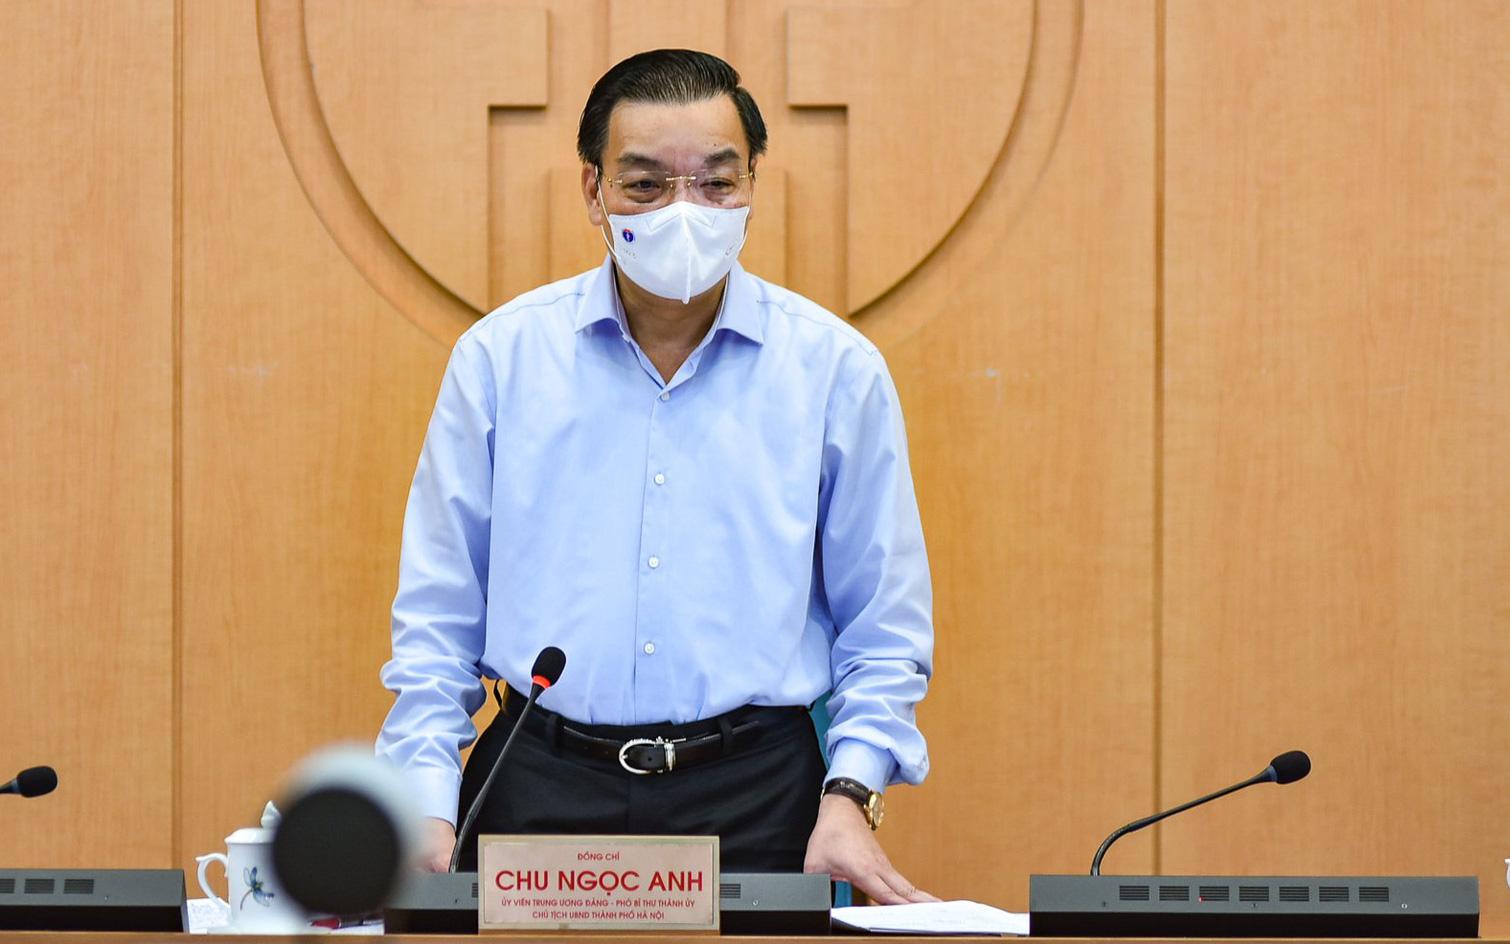 Chủ tịch Hà Nội kêu gọi người dân khai báo y tế thường xuyên, đặc biệt là những trường hợp ho sốt, khó thở